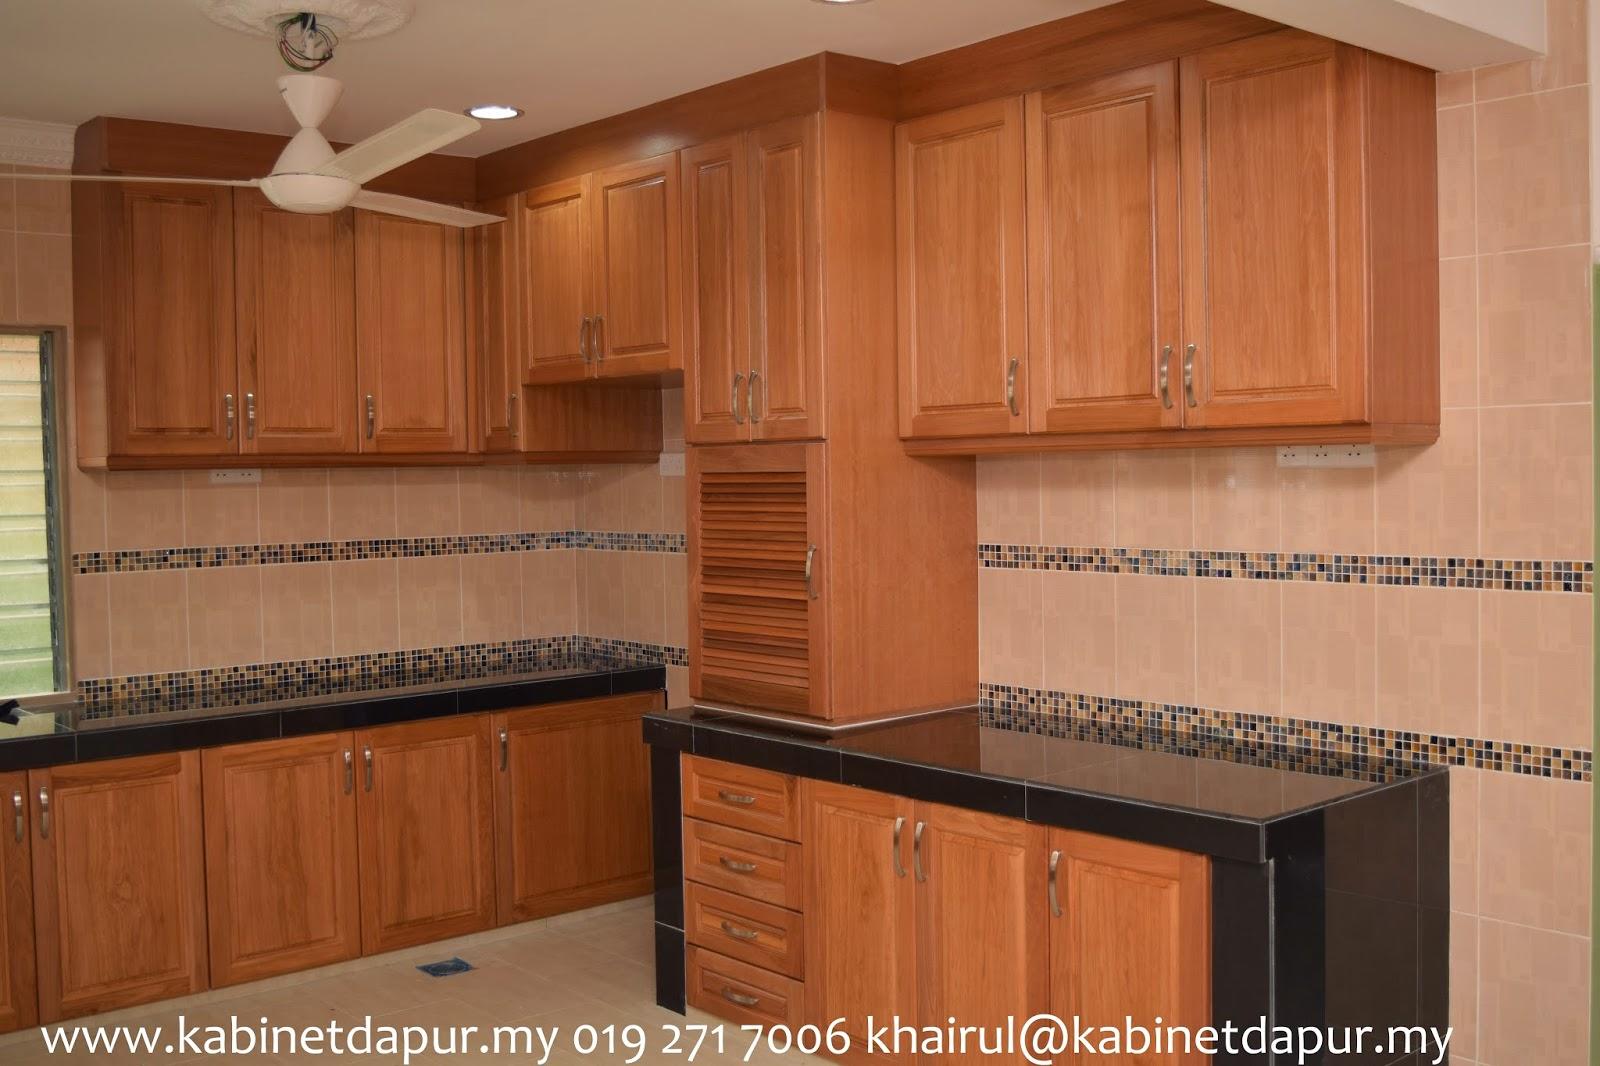 30 Design Kabinet Dapur Kayu Shreenad Home